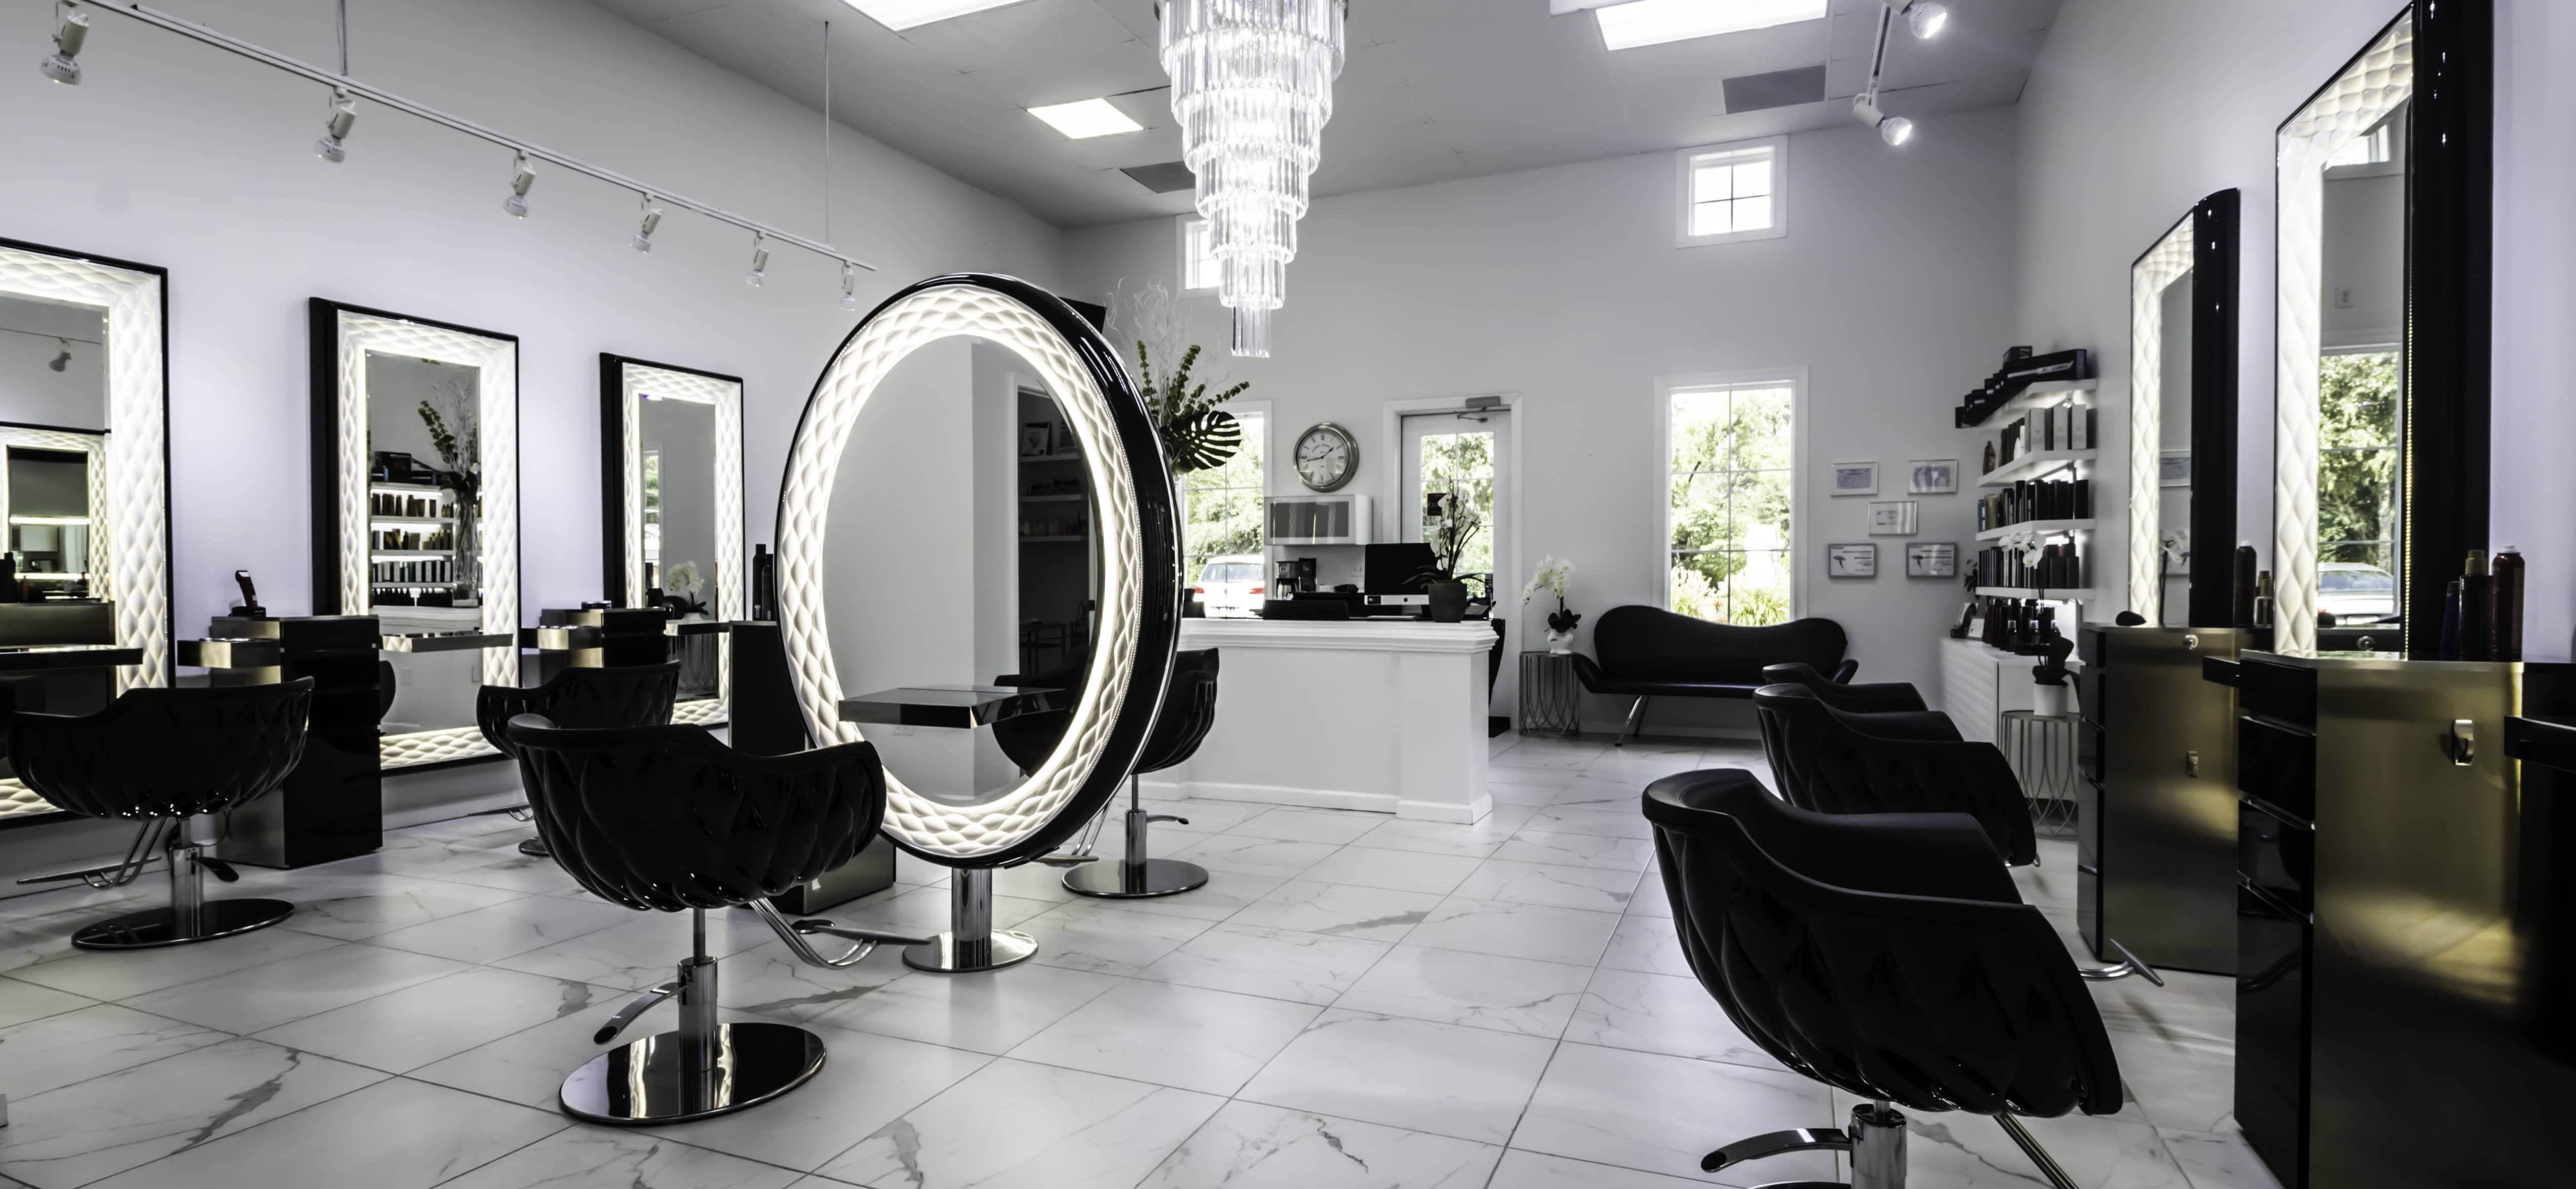 Salon Pieknosci Best Hair Salon Beauty Salon Beauty Salon Interior